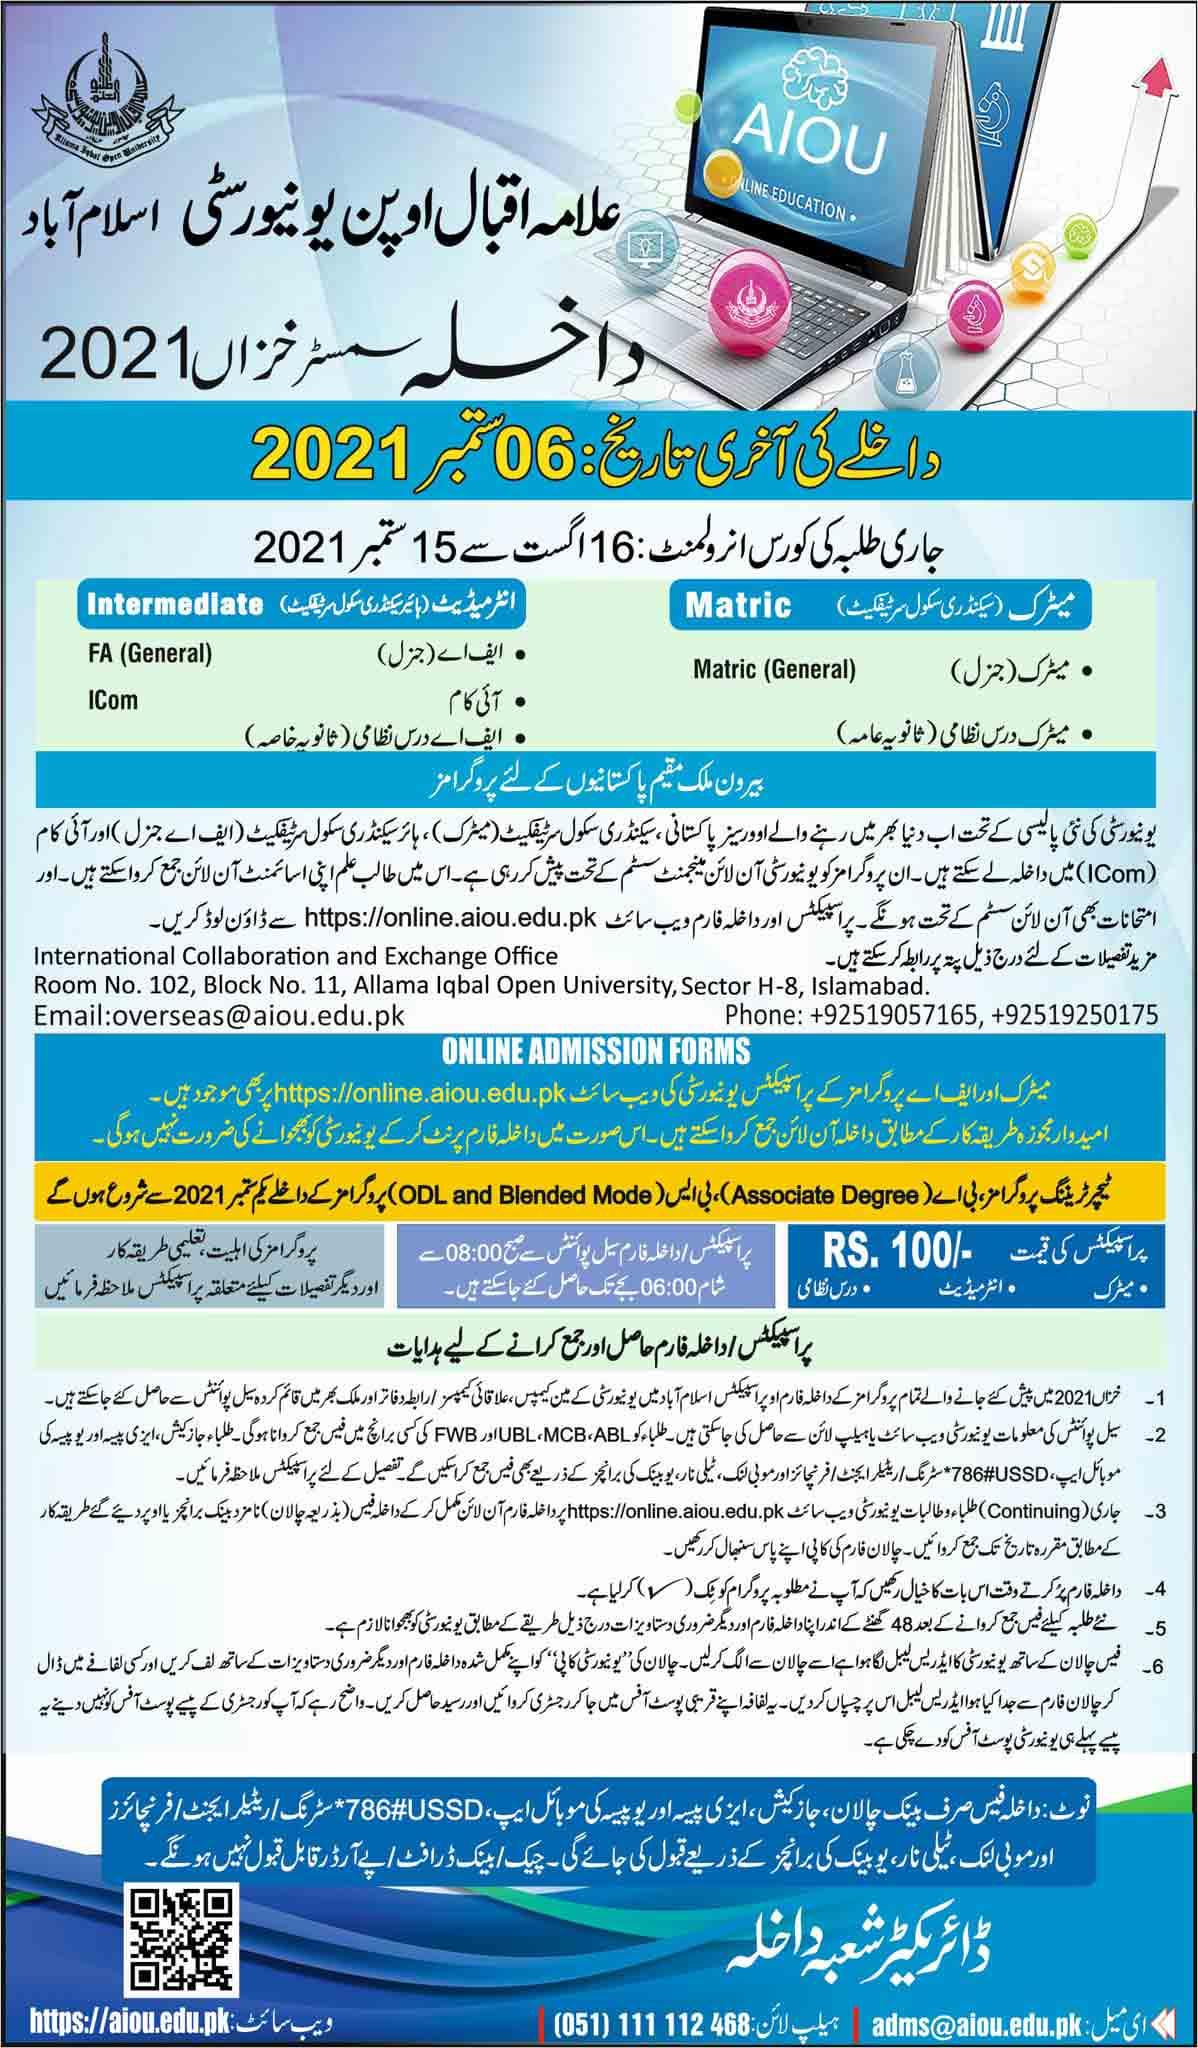 Allama-Iqbal-Open-University-2021